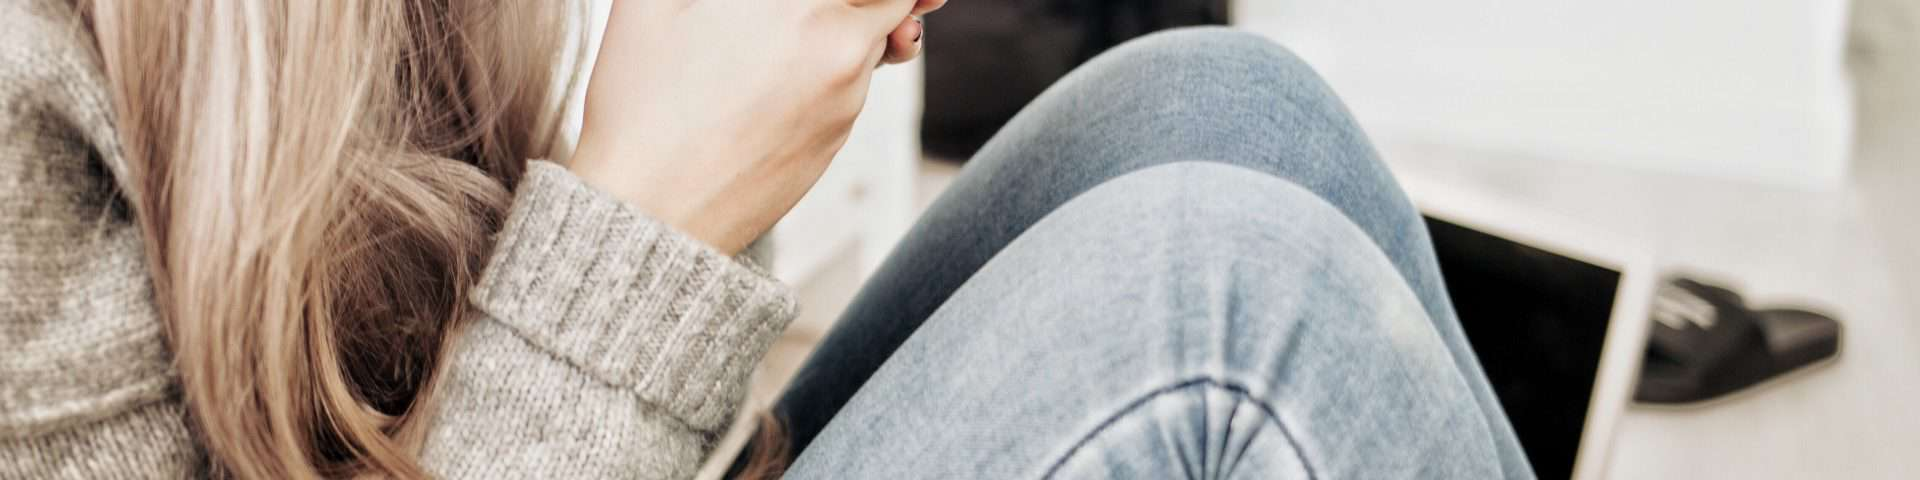 Die 5 'Goldenen Regeln', einem Mann zu texten, auf den du total stehst